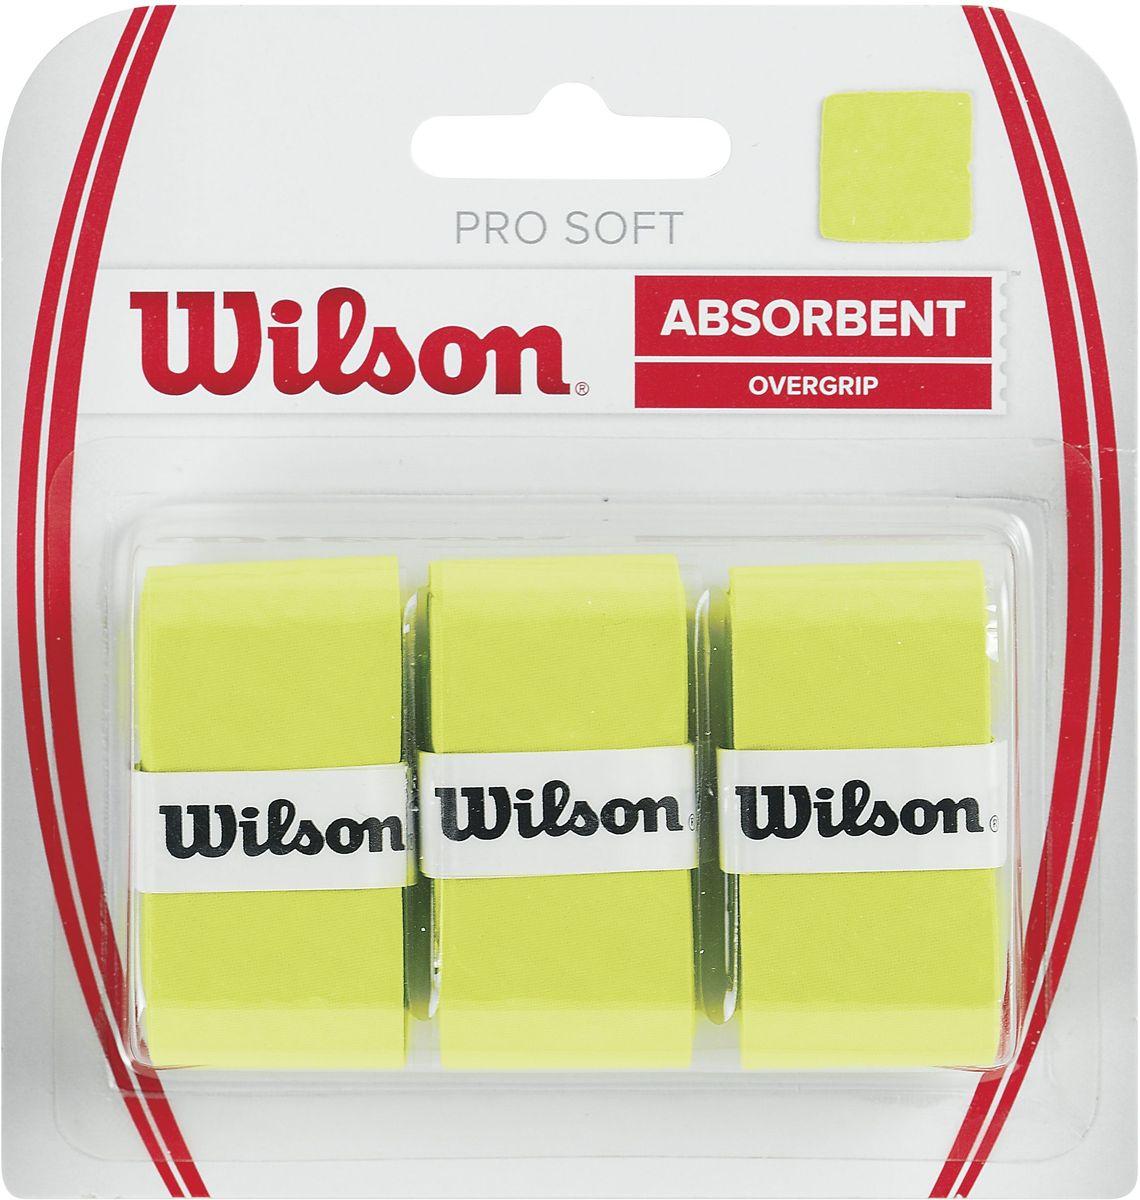 Обмотка Wilson Pro Soft Overgrip, цвет: фиолетовыйWRZ4040LIСамый популярный овергрипп в мире, разработанный для макисмального влагопоглащения. Подойдёт для игры в жарком и влажном климате. Выбор Лидеров мирового Тенниса Серены и Роджера